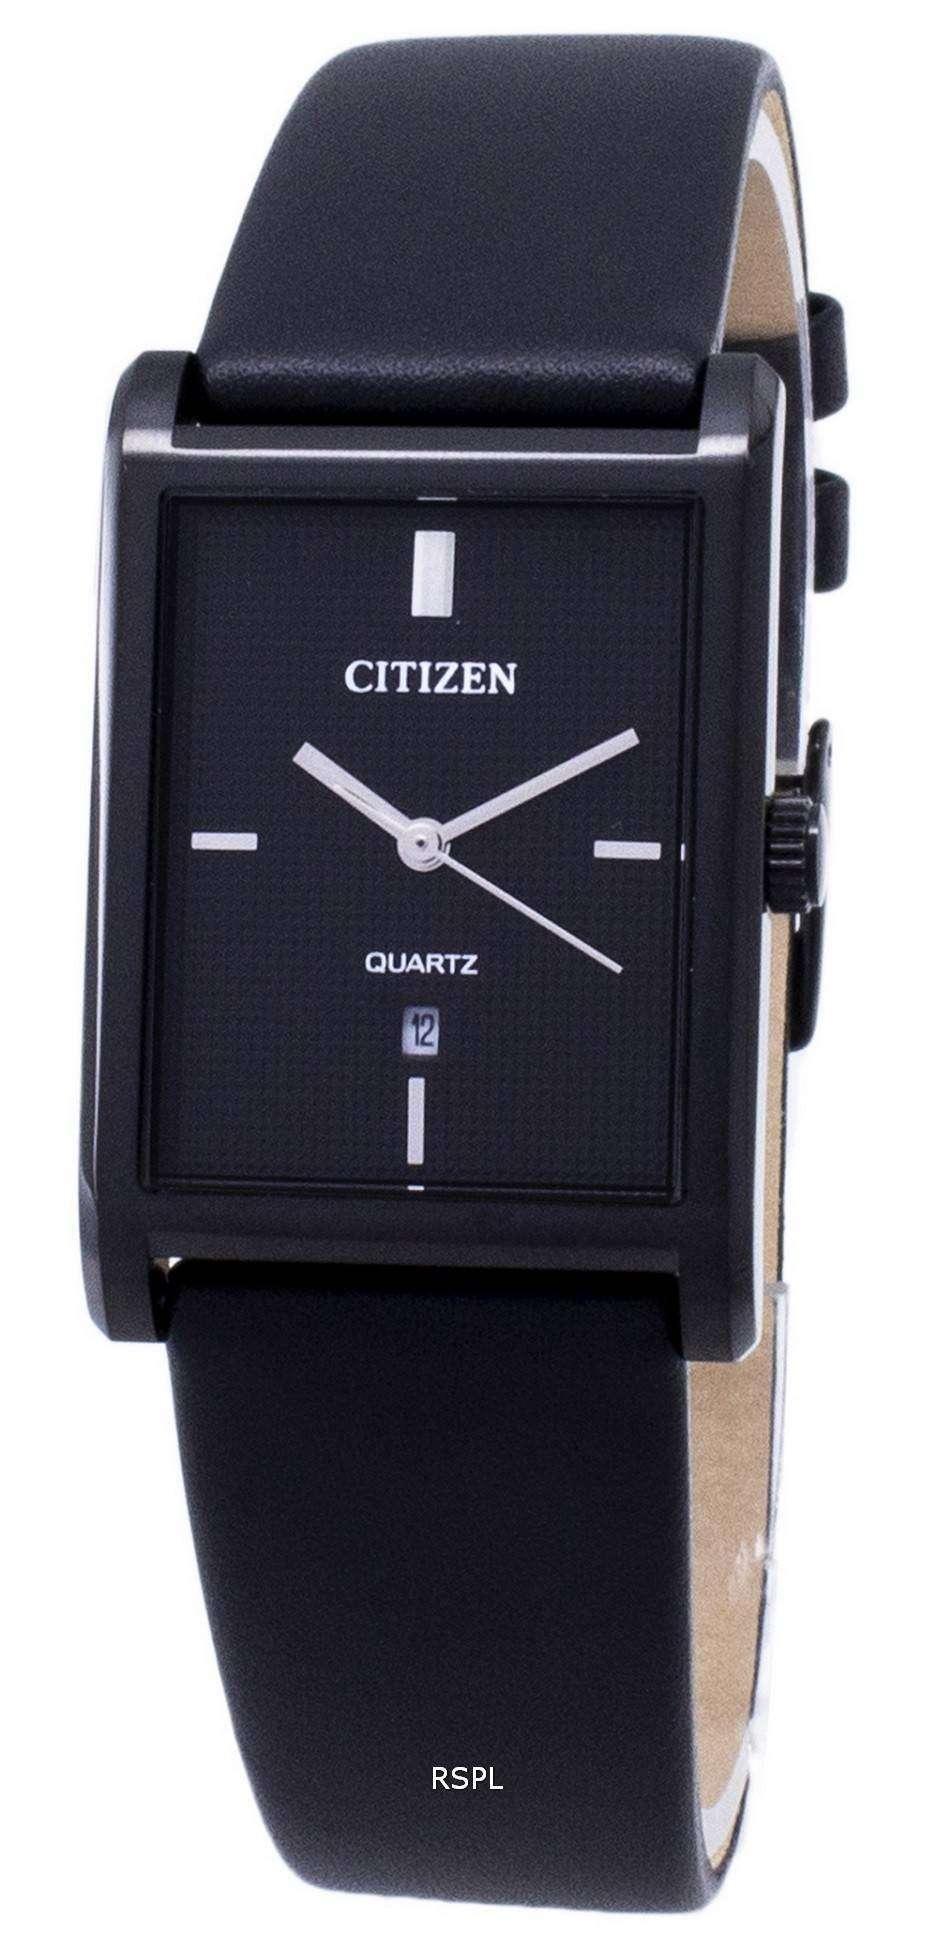 市民石英 BH3005 05E アナログ メンズ腕時計